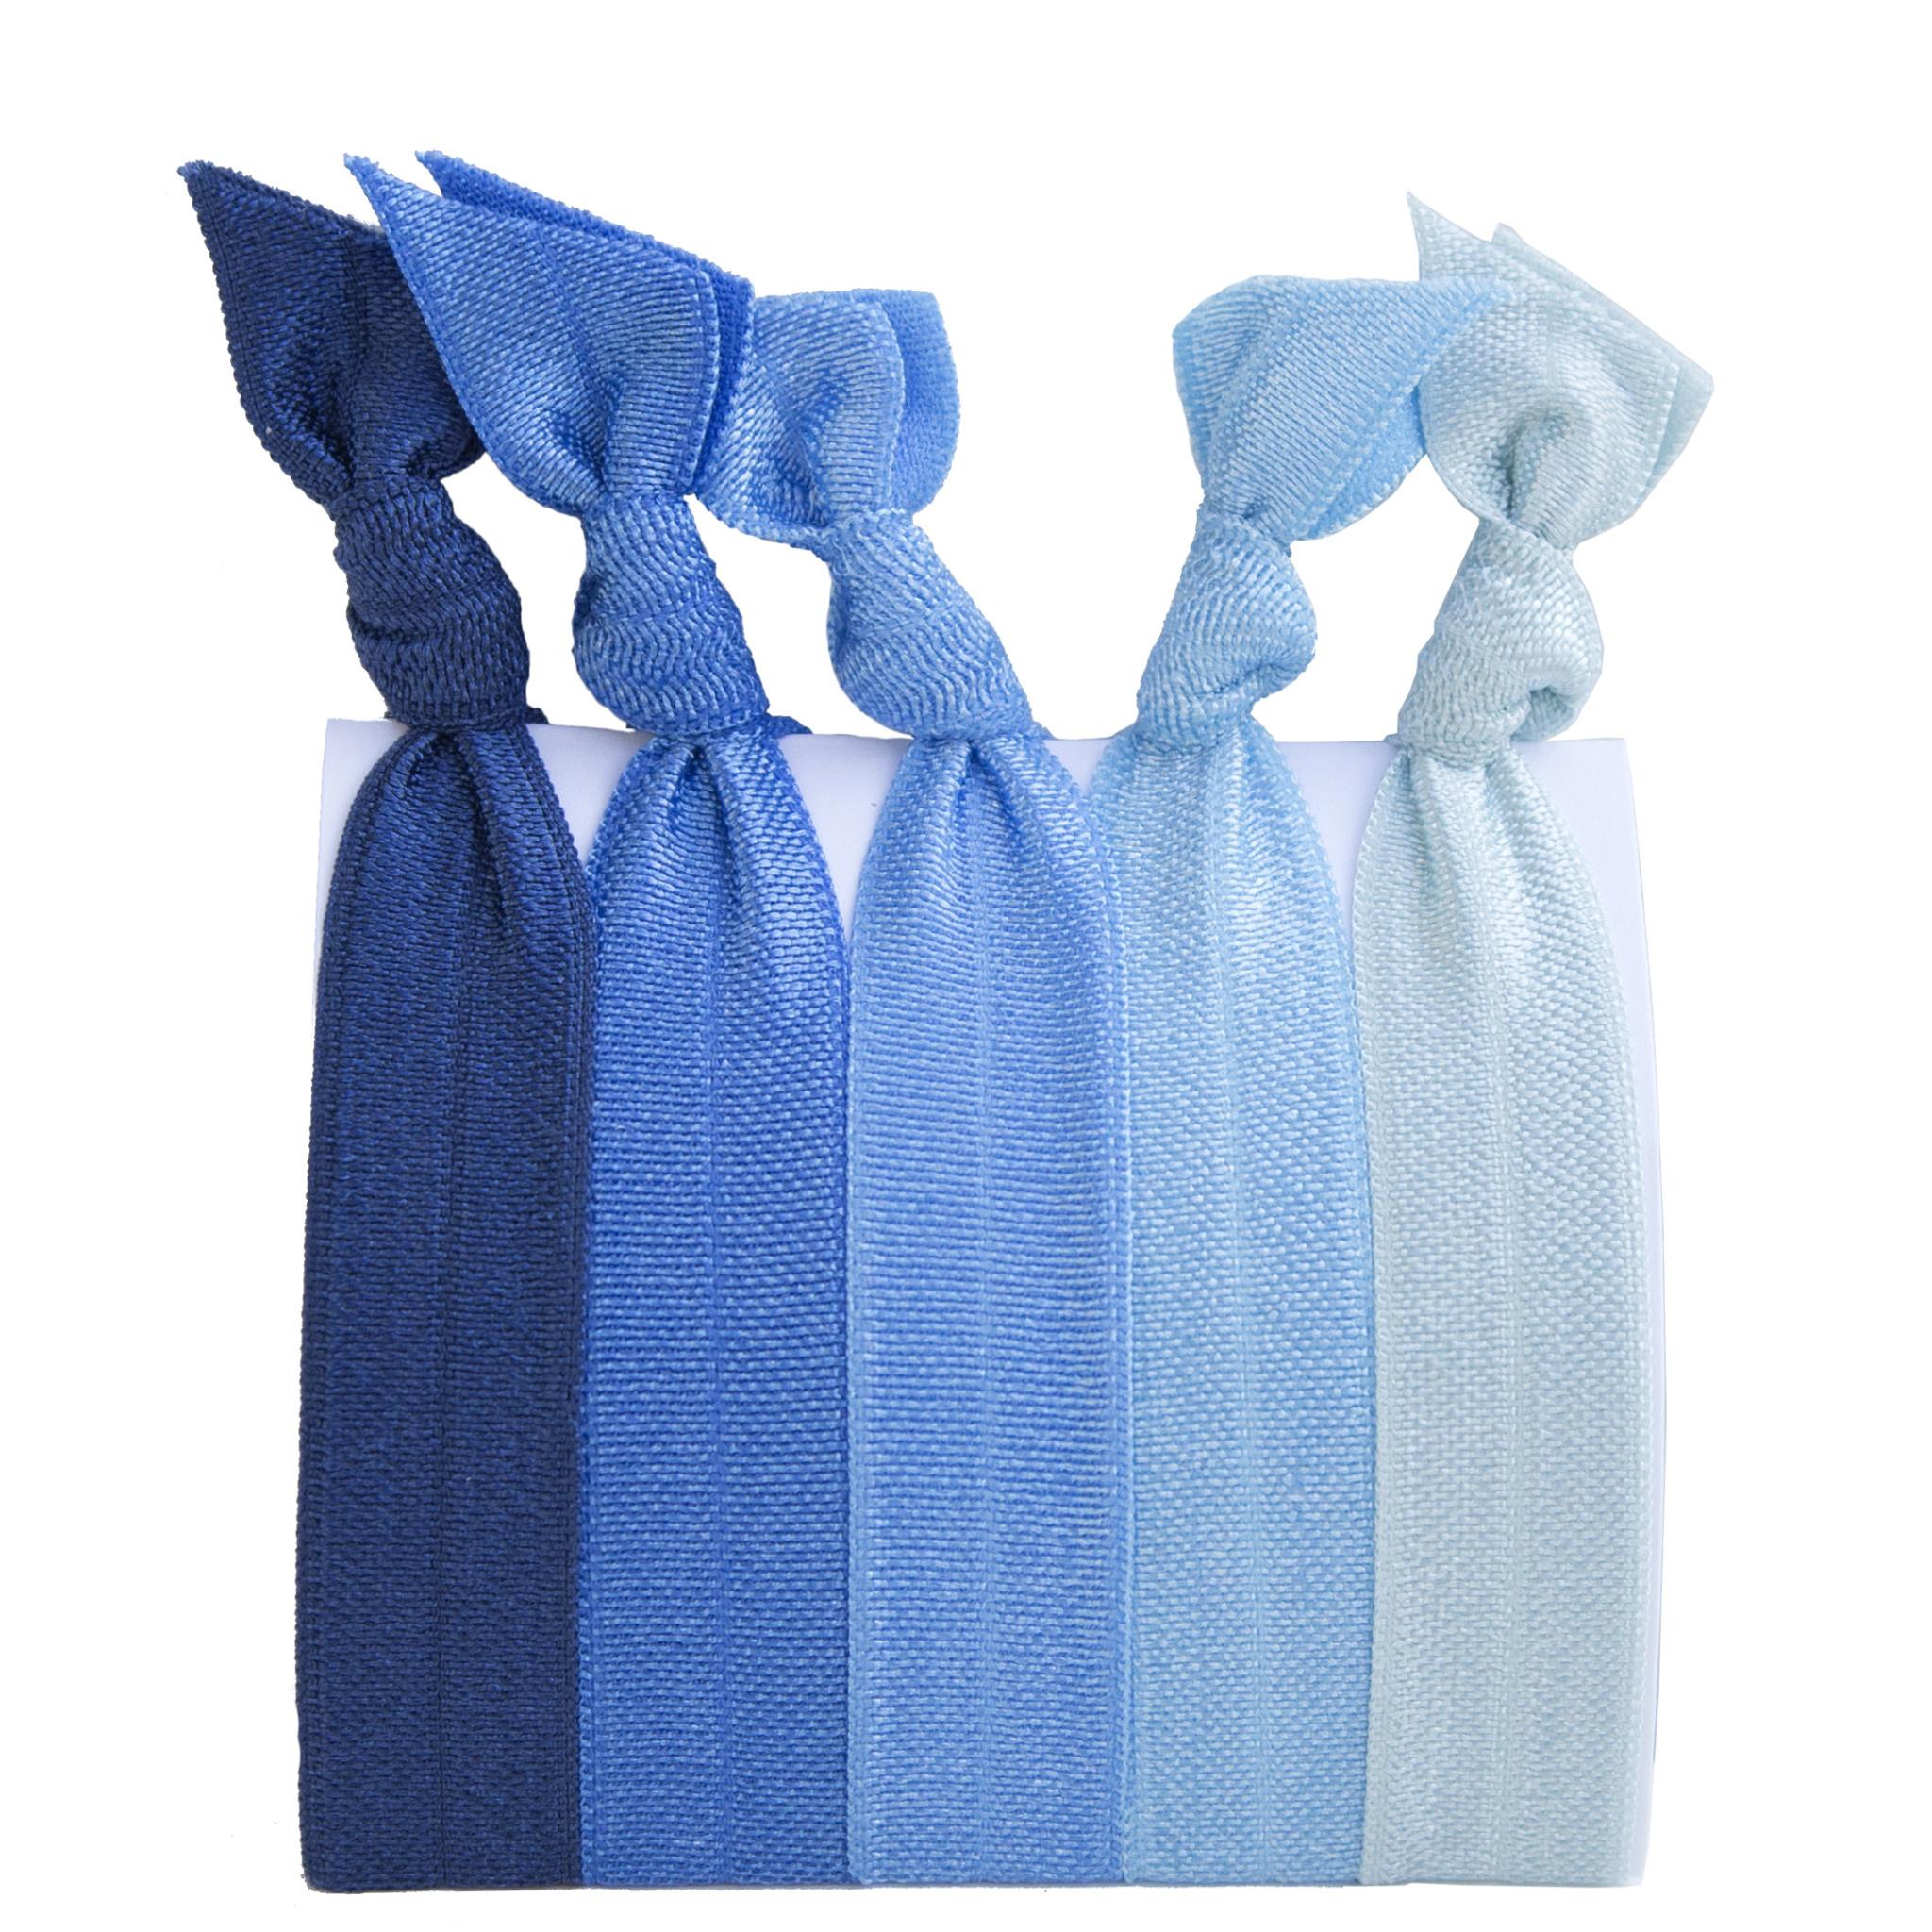 Hair Ties Set of 5 - True Blue